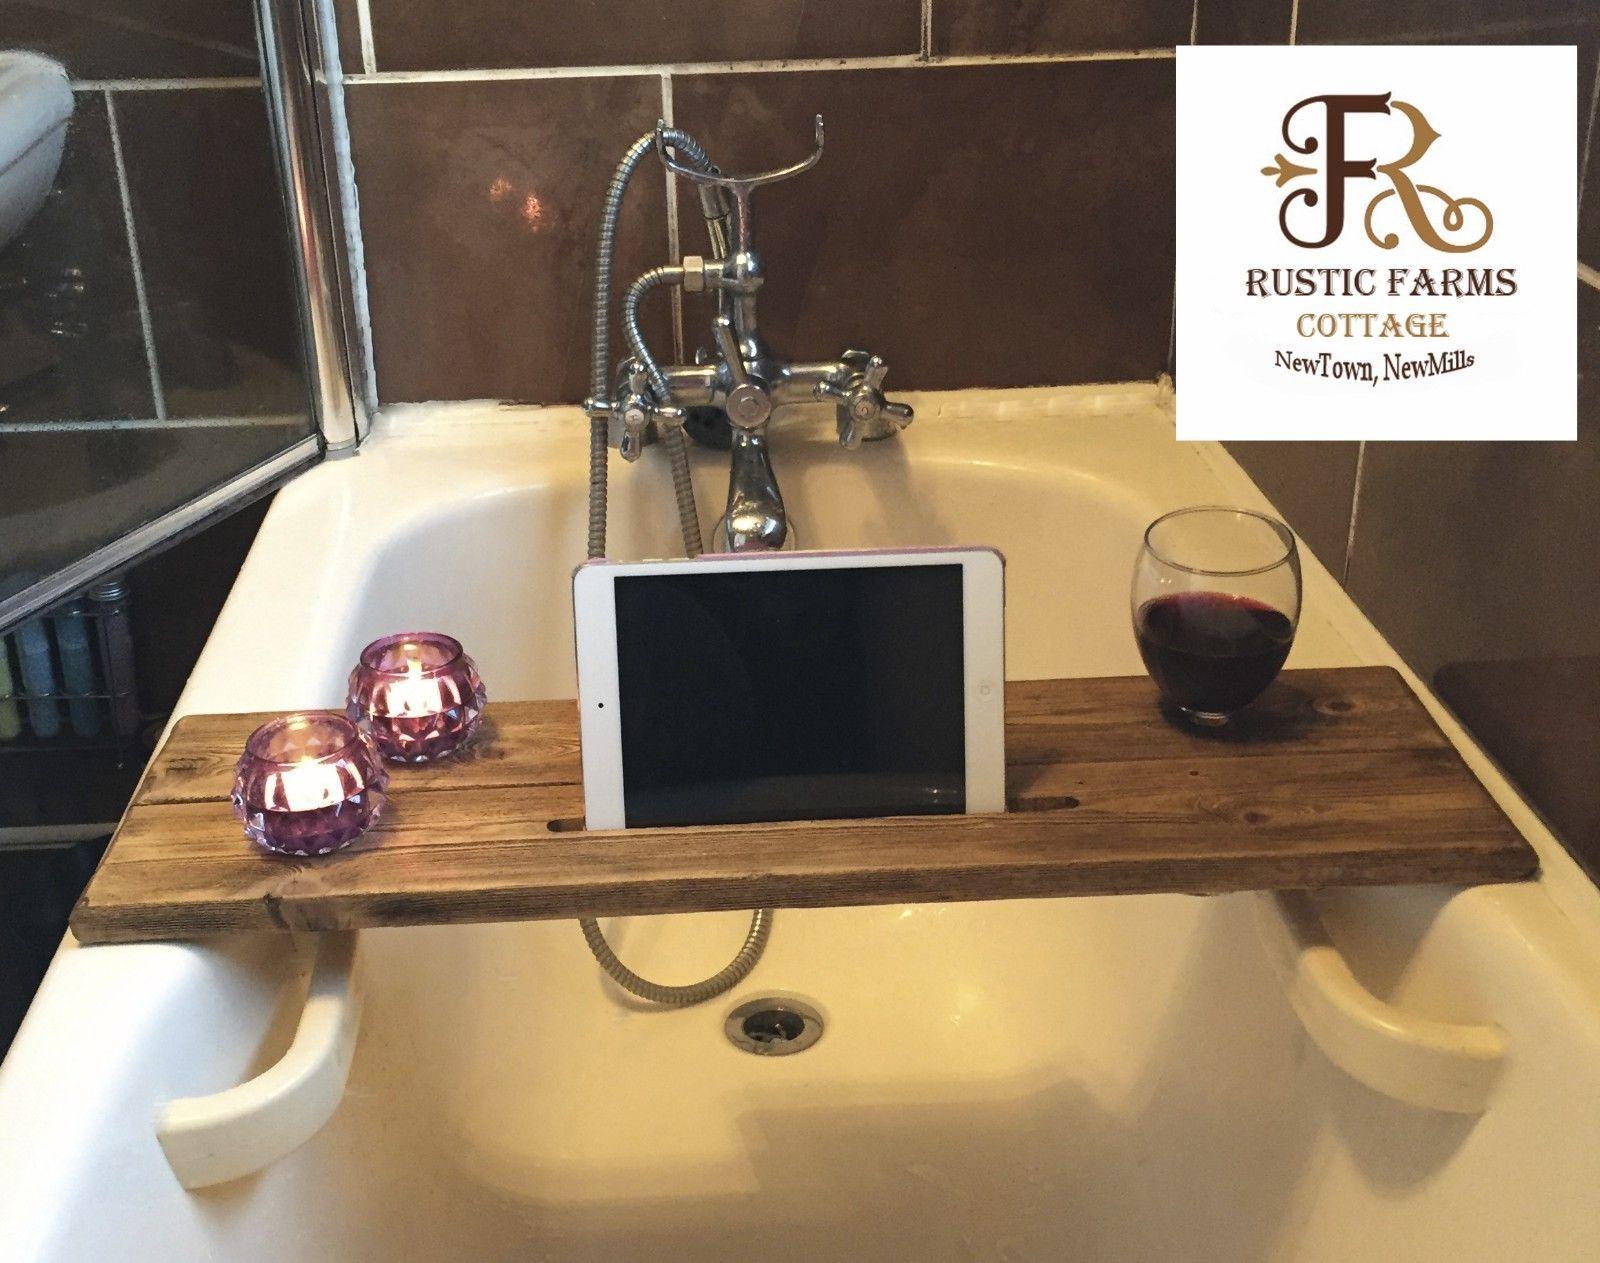 Rustic Farm Cottage Bath Shelf Caddy Ipad Holder And Wine Holder Bath Buddy In Home Furniture Diy Bath Caddies